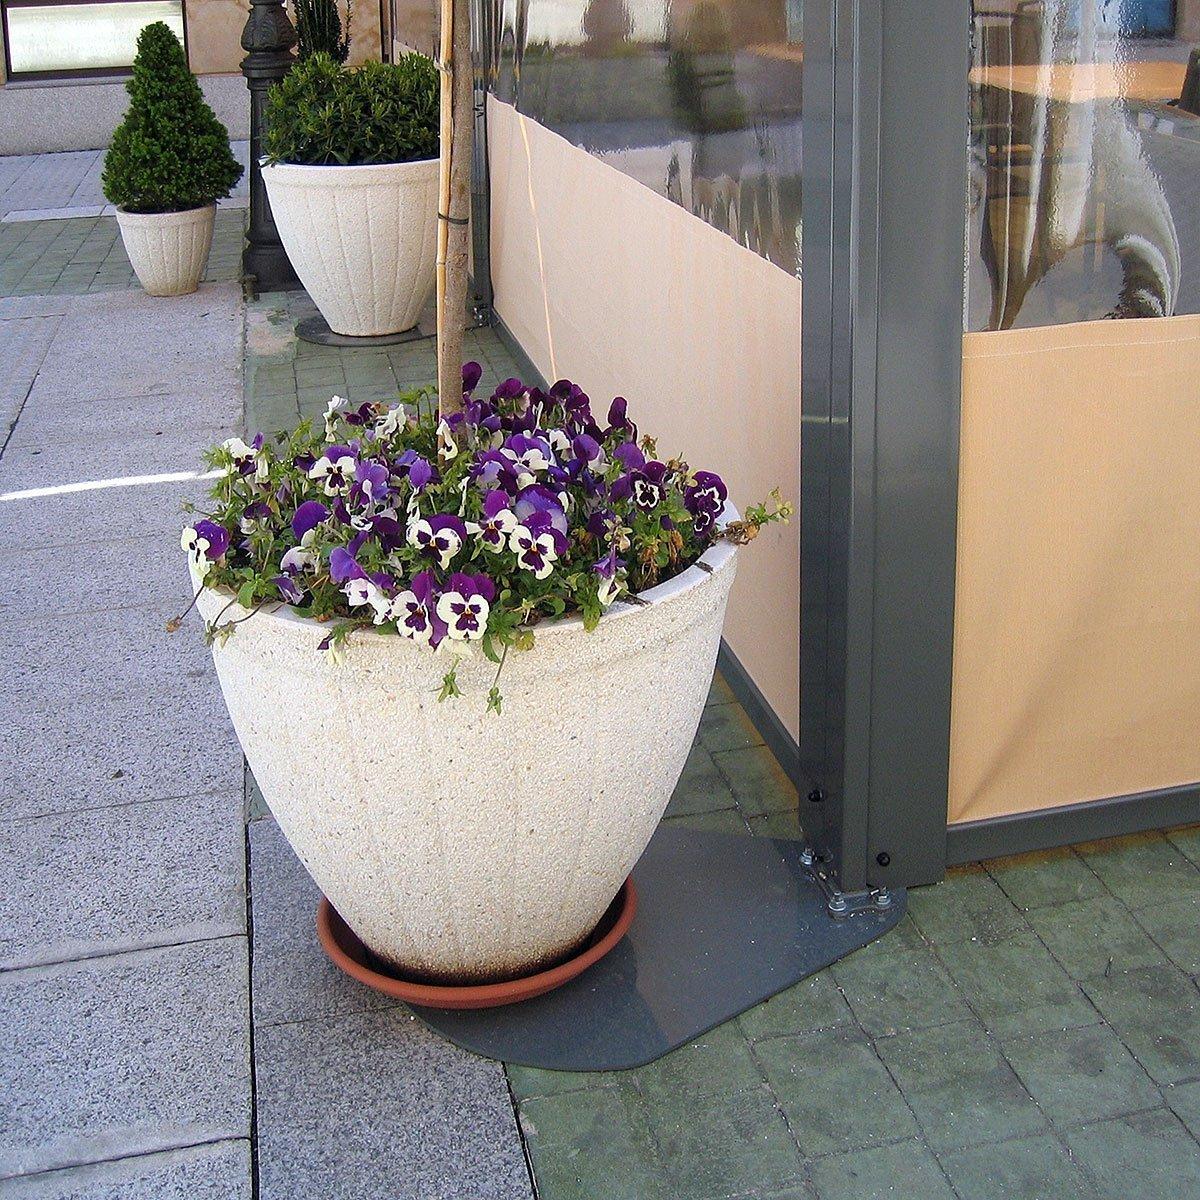 Base para jardinera persysol soluciones profesionales for Bases para jardineras